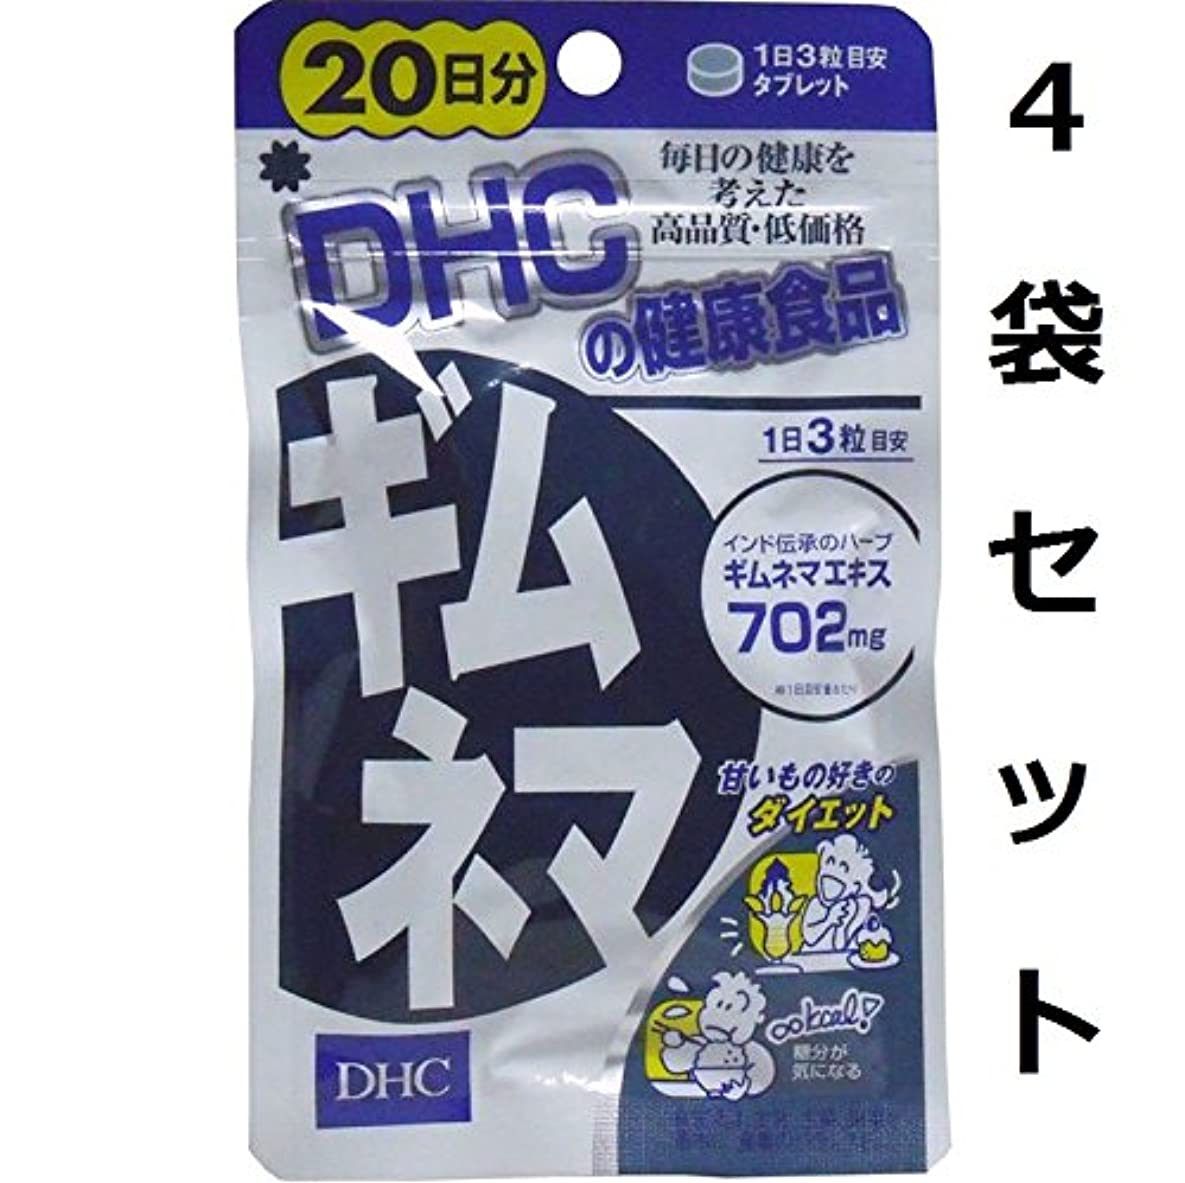 アイデアつぼみ眠り余分な糖分をブロック DHC ギムネマ 20日分 60粒 4袋セット